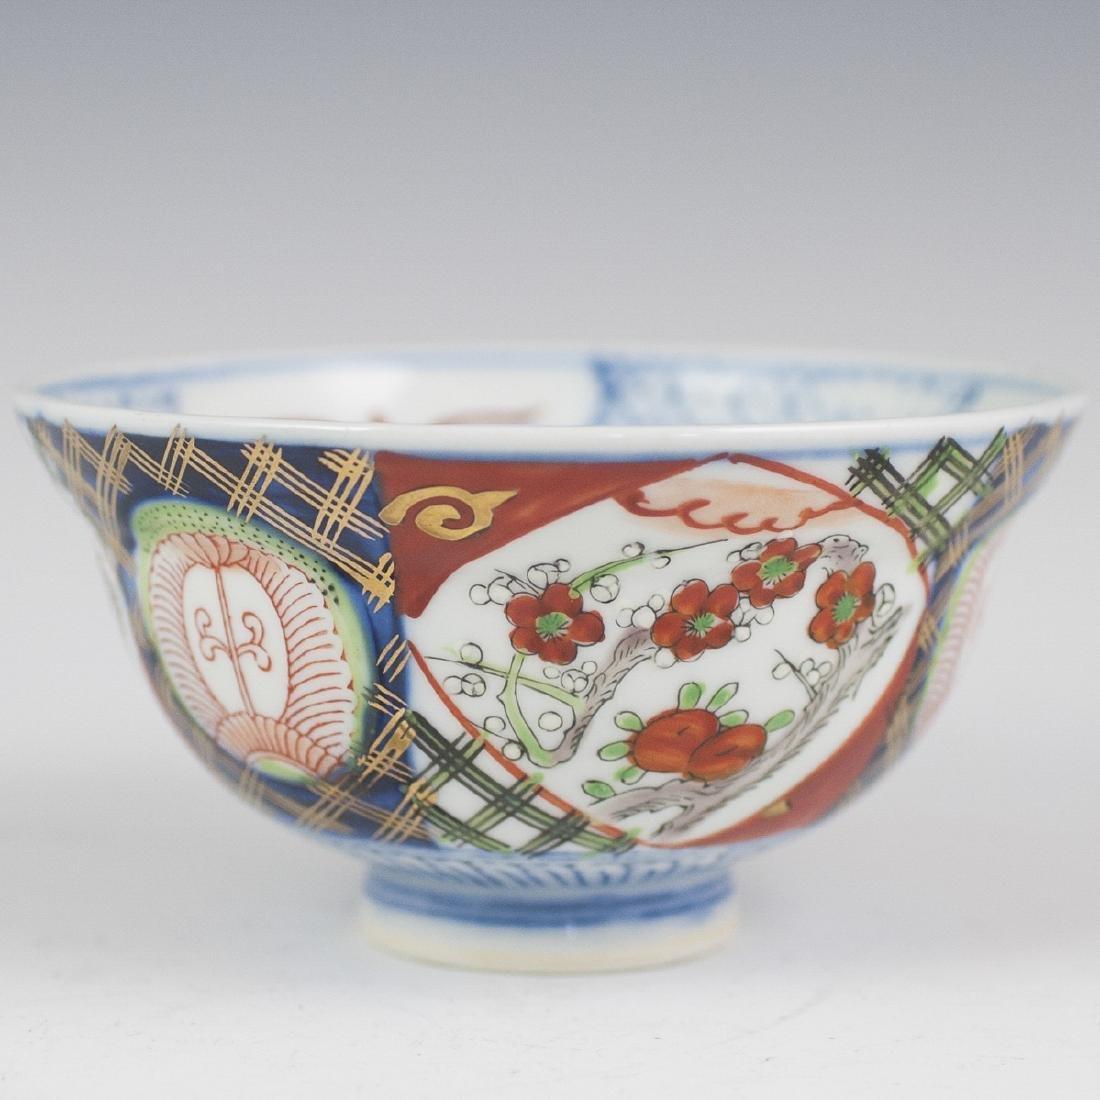 Japanese Imari Enameled Porcelain Bowl